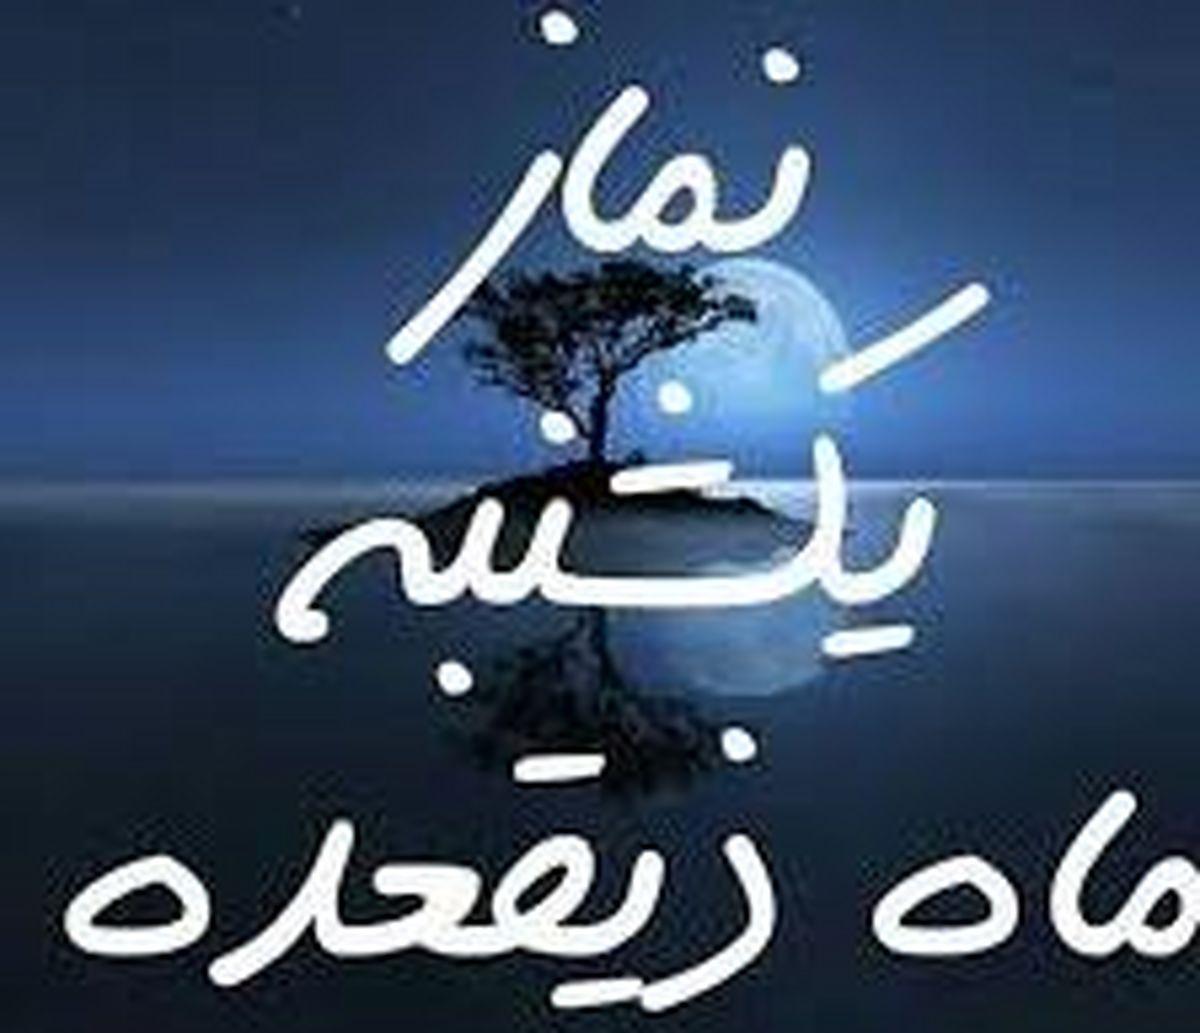 نماز یکشنبه ماه ذیالقعده را چگونه بخوانیم؟